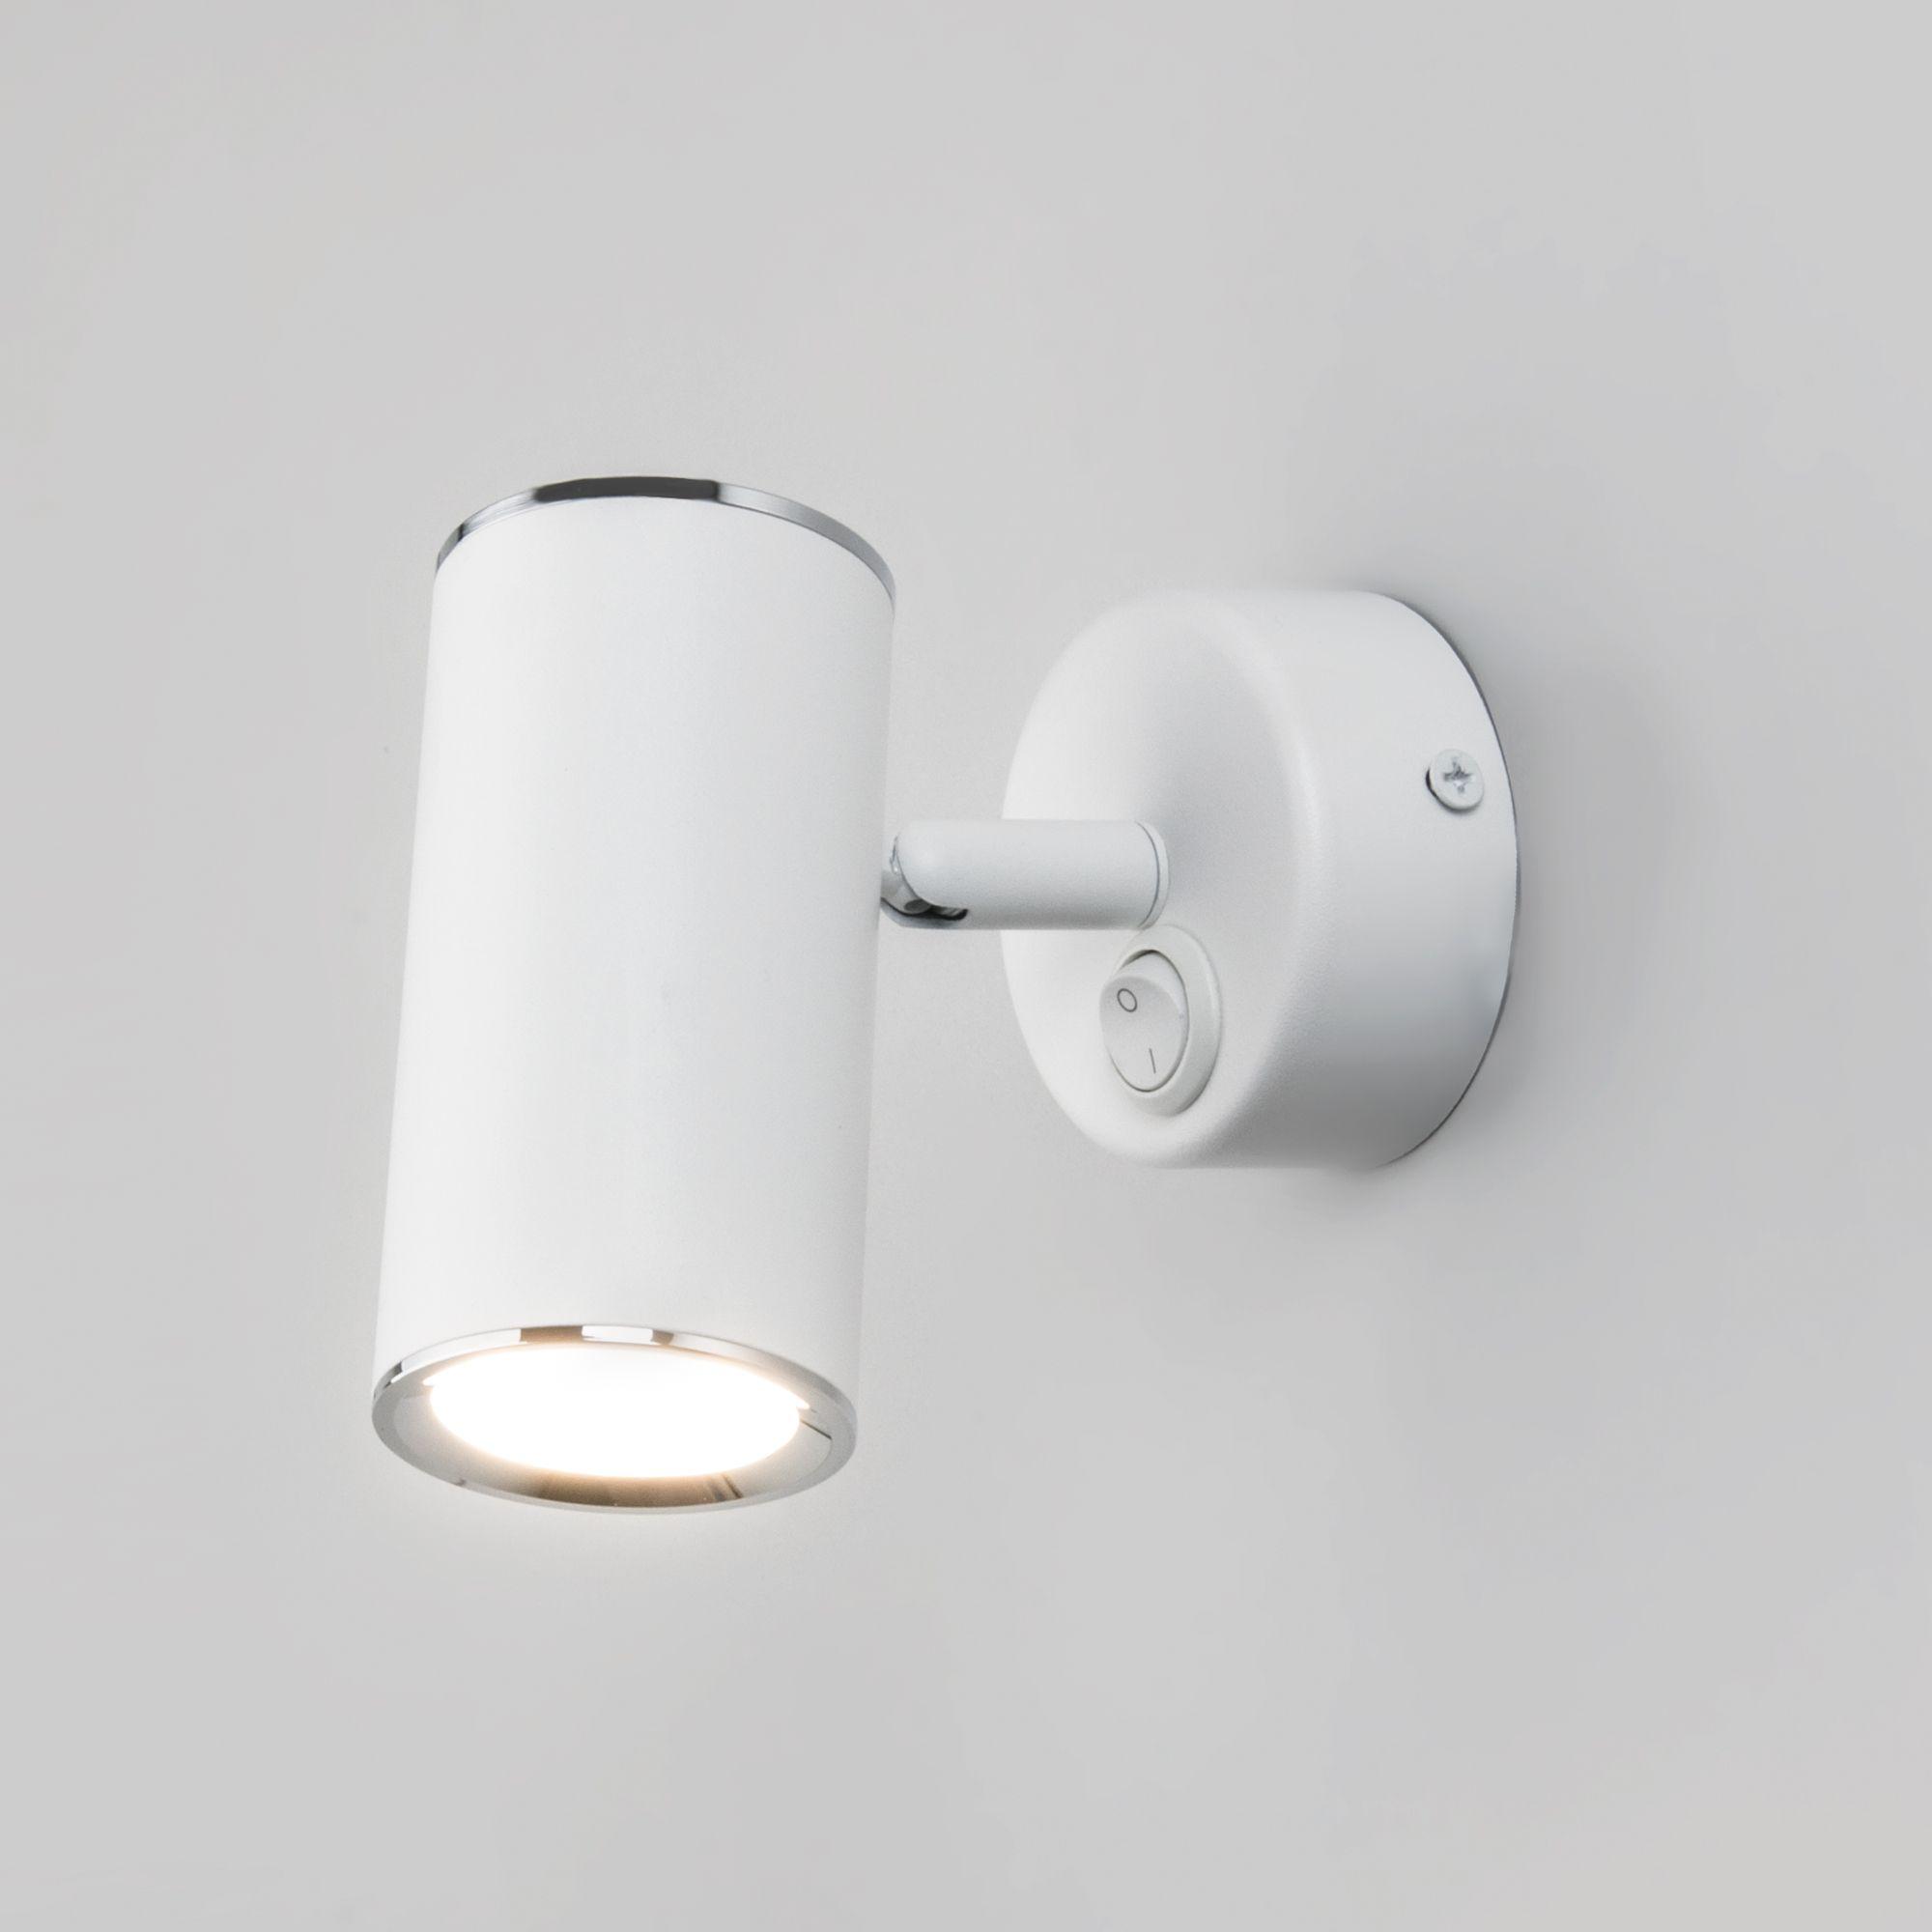 Настенный светодиодный светильник с поворотным плафоном Rutero GU10 SW белый (MRL 1003)